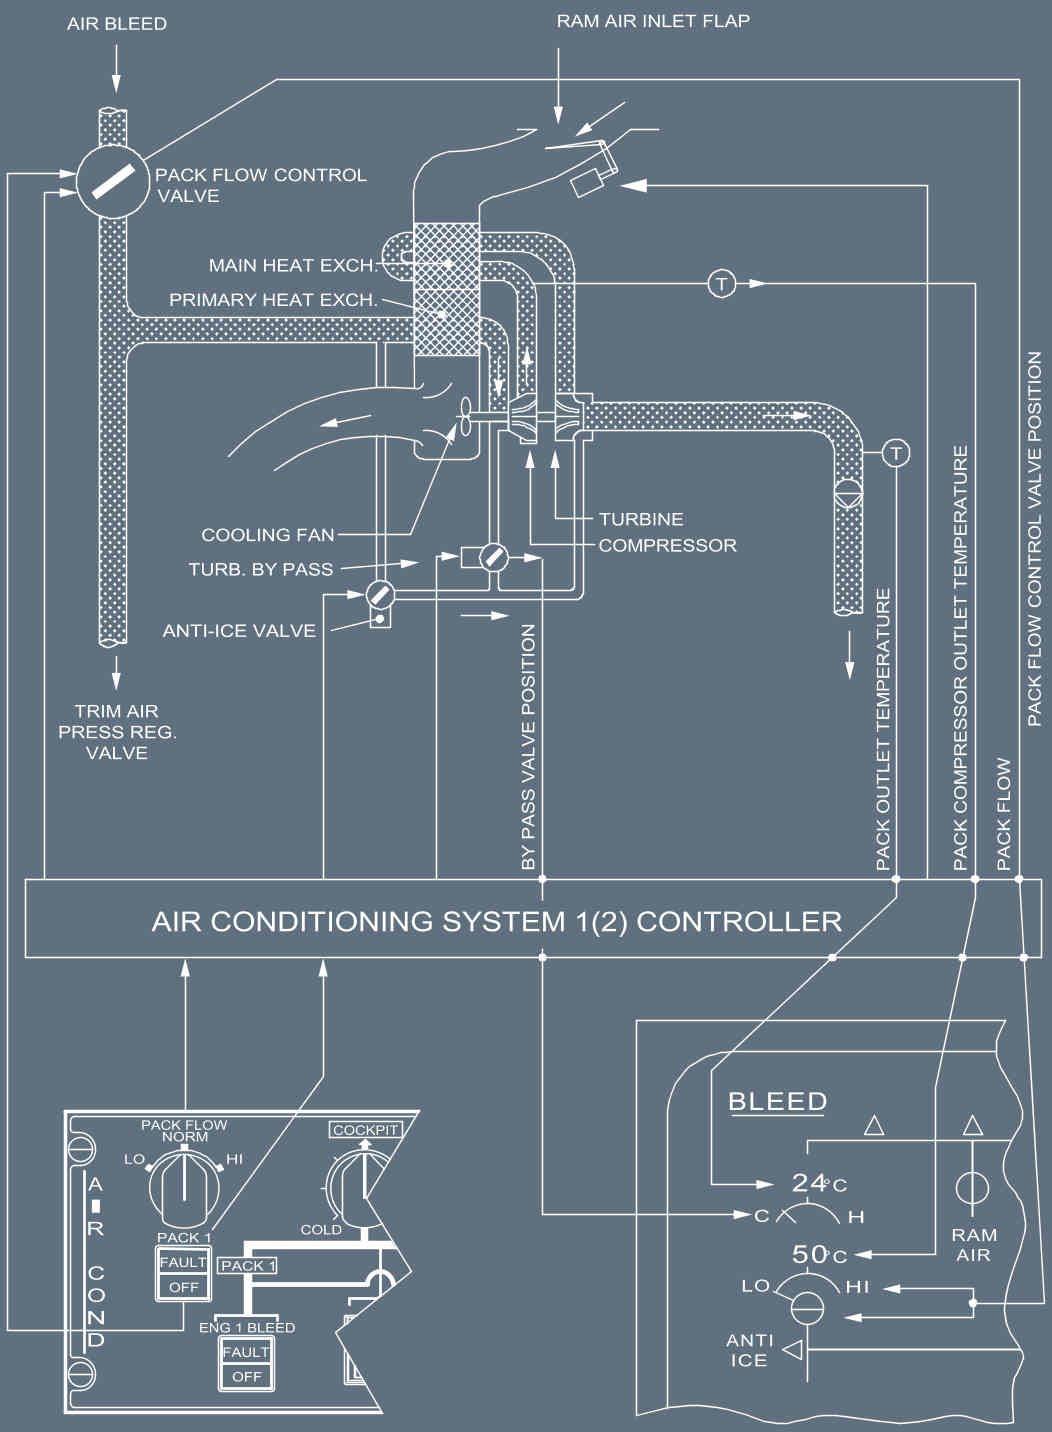 A320F technical description: AIR CONDITIONING / PRESSURIZATION